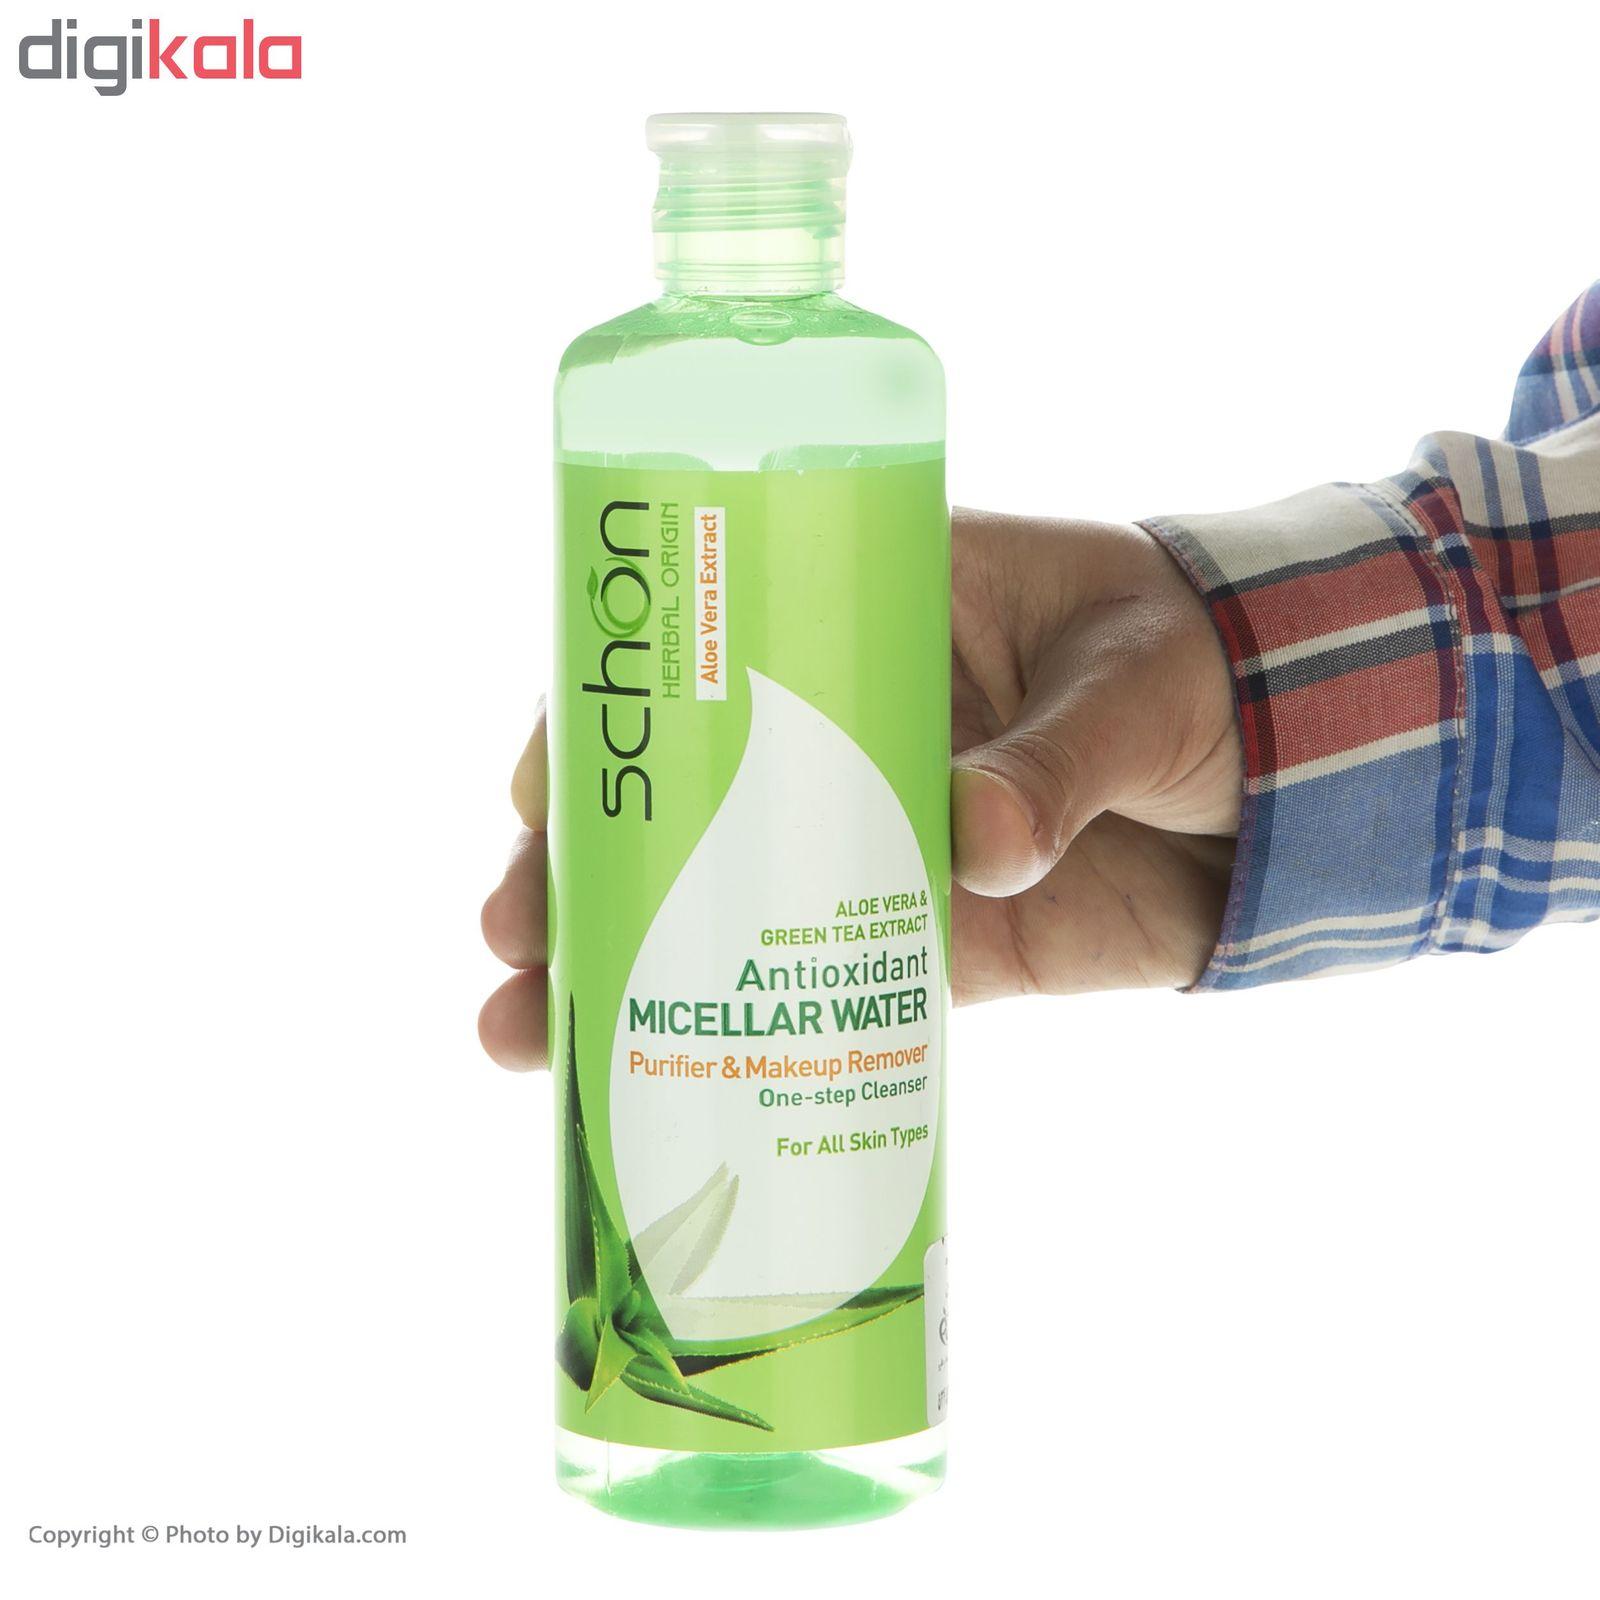 محلول پاک کننده شون مدل Antioxidant Micellar Water حجم 300 میلیلیتر main 1 4